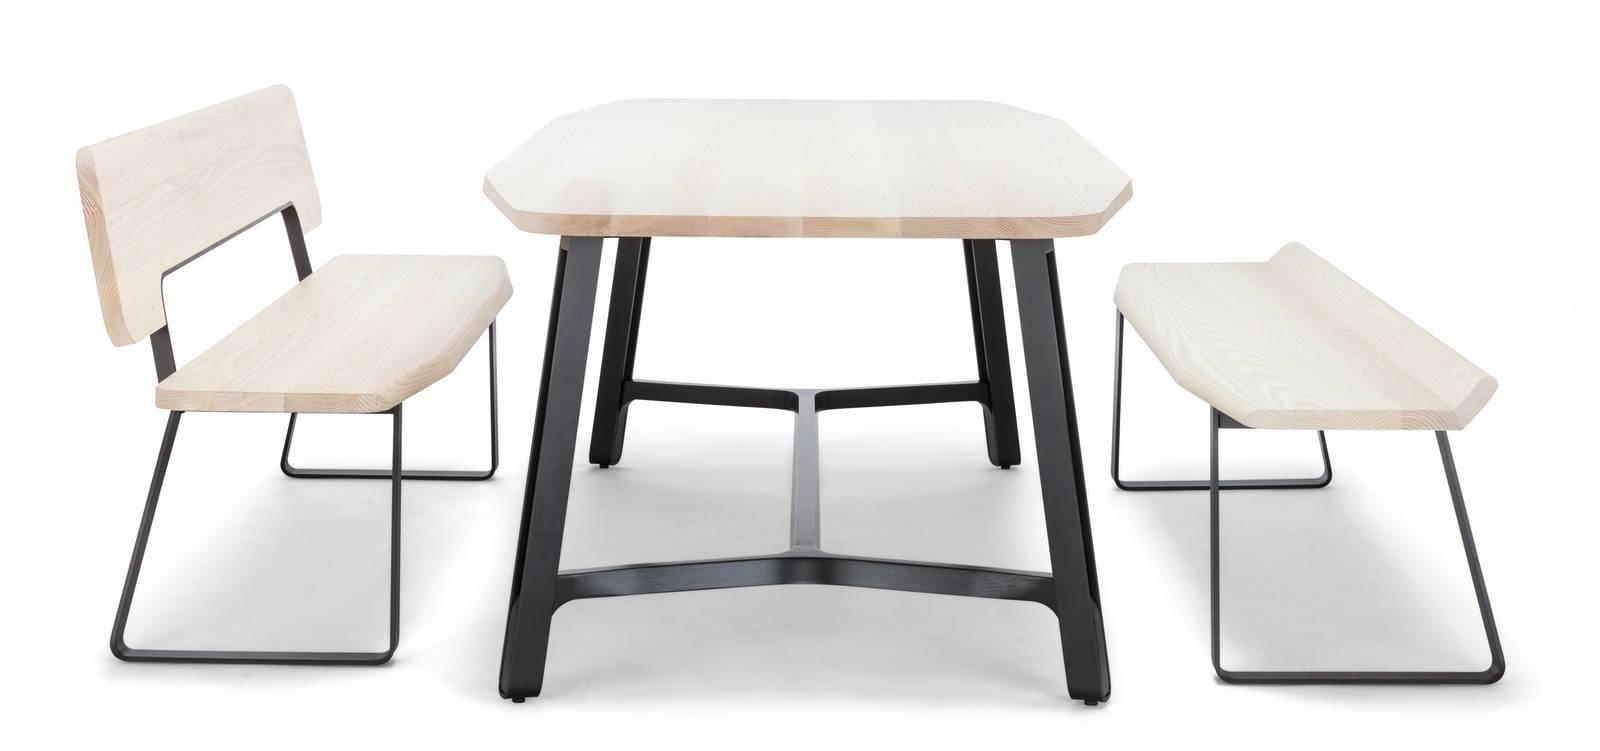 Piani sottili per i tavoli al salone del mobile 2017 for Piani di casa con suite per gli ospiti